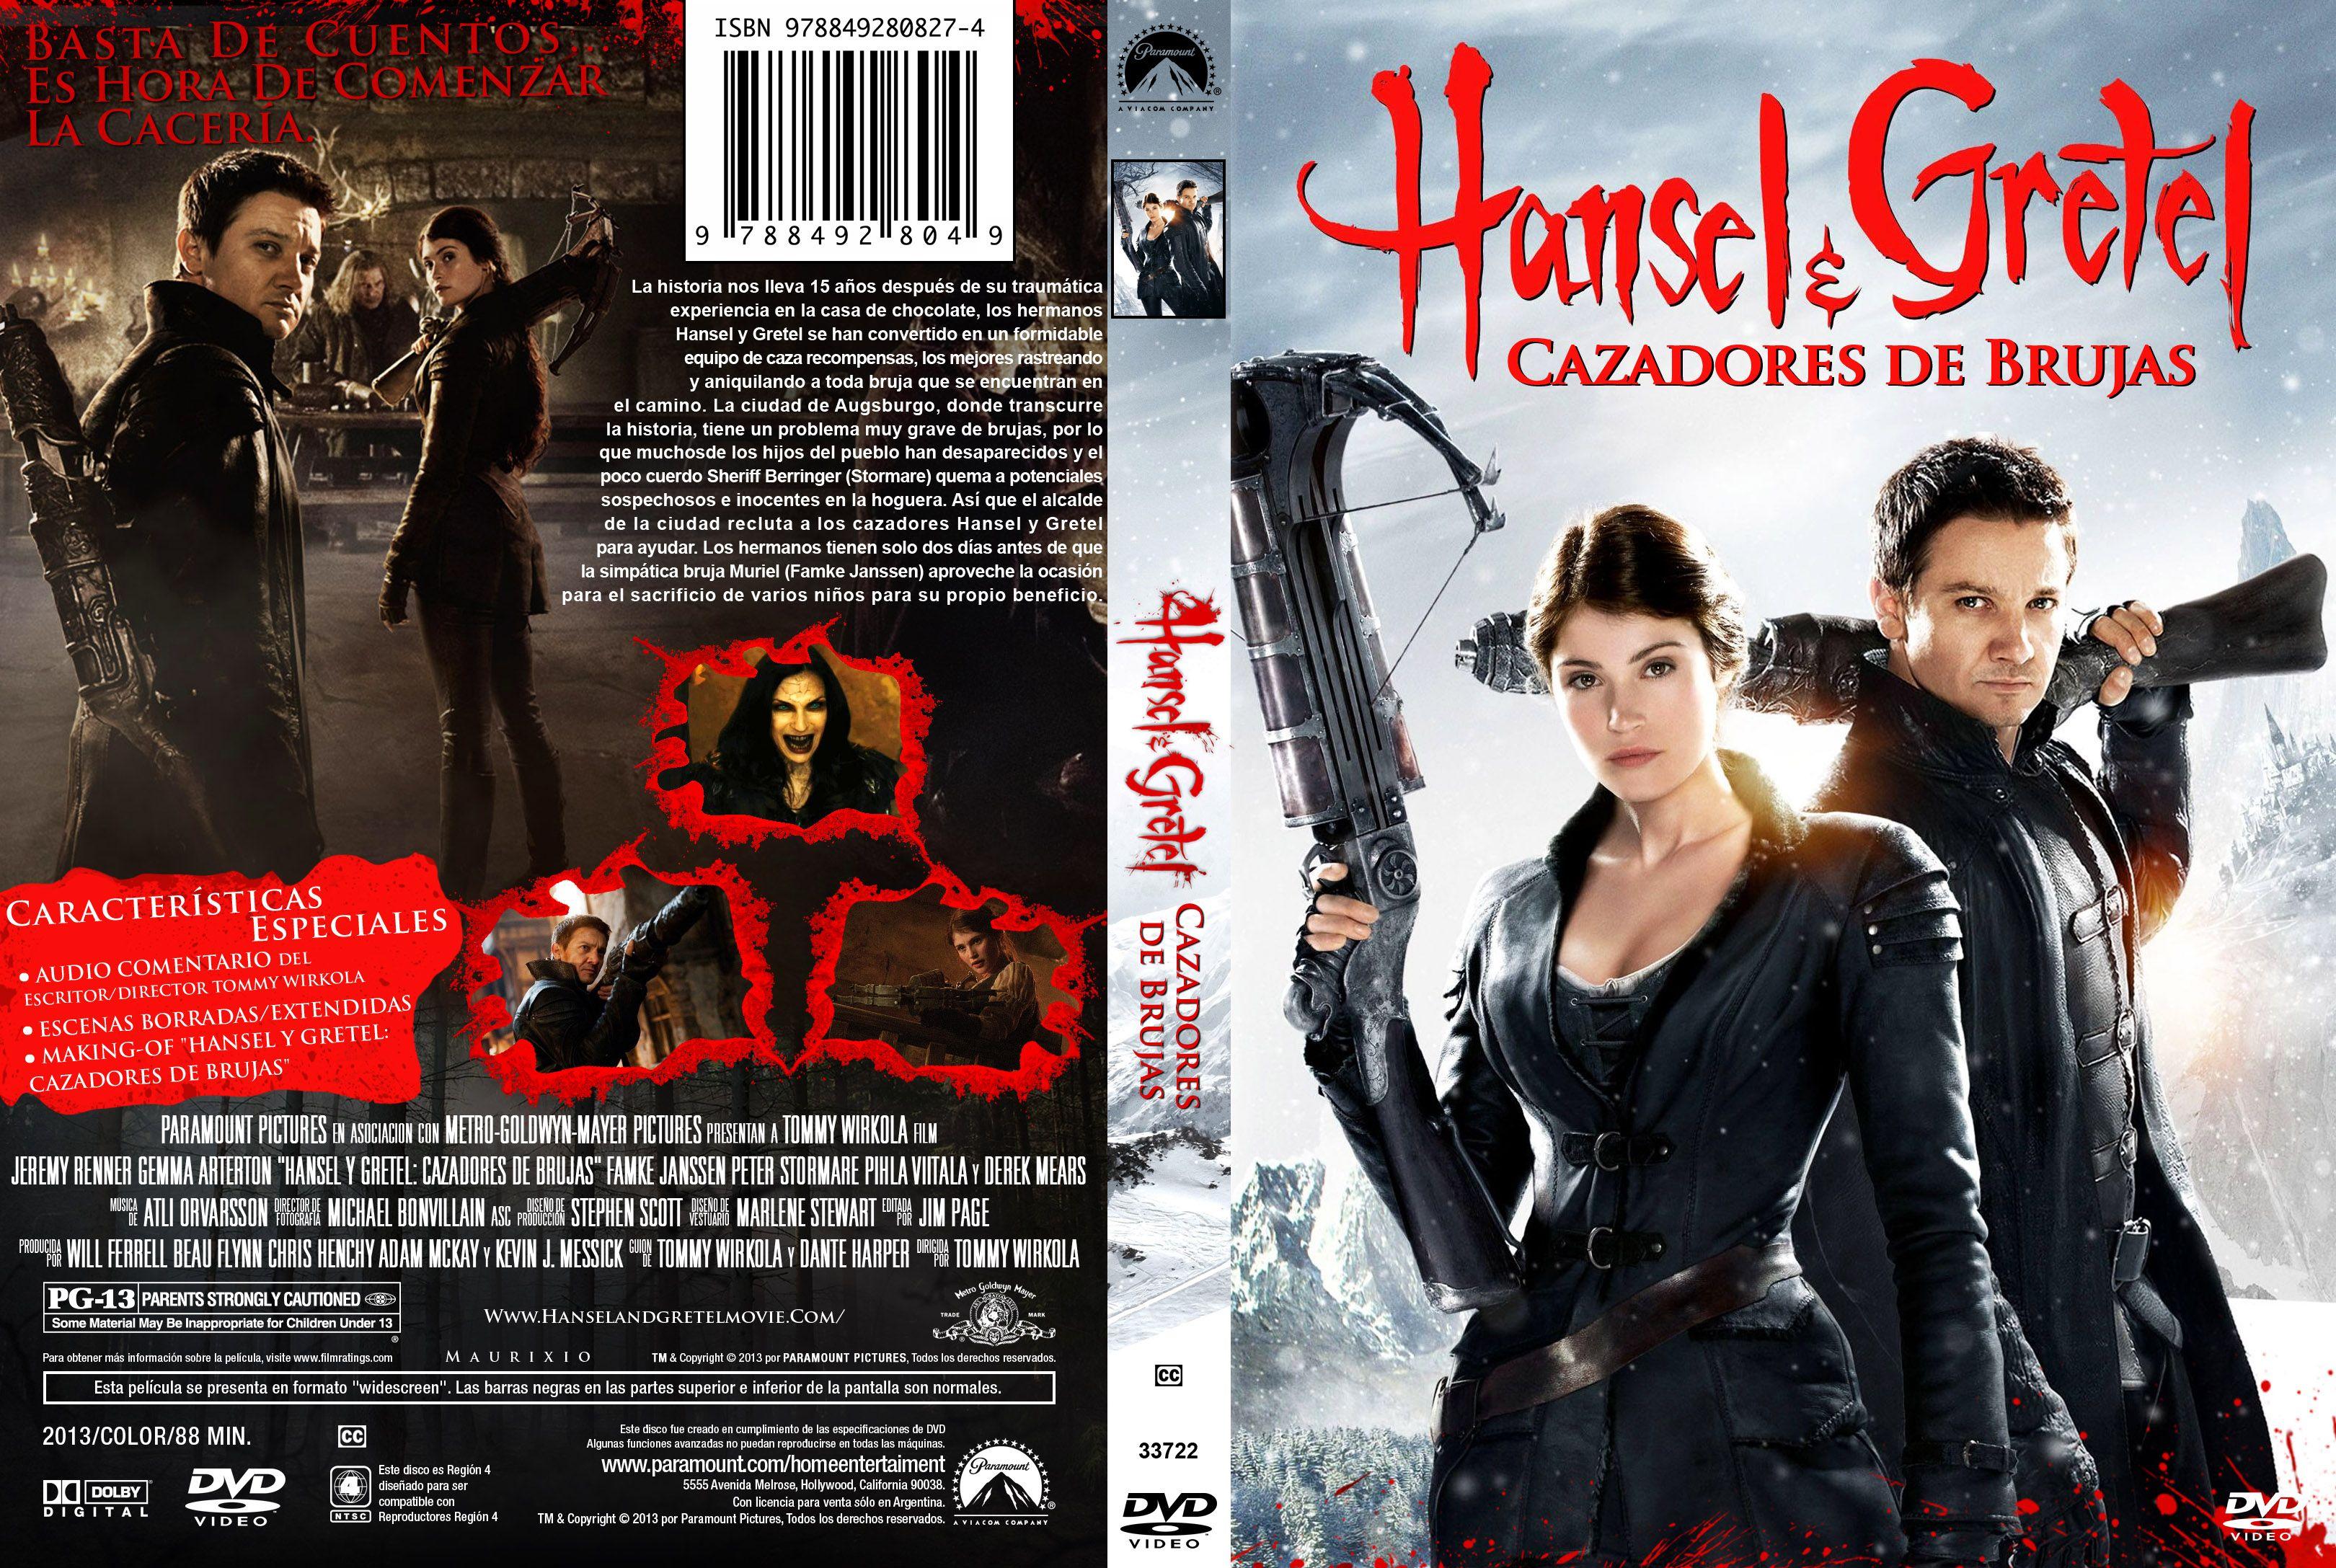 Hansel y Gretel: Cazadores de Brujas (2013) [Dvdrip Latino]